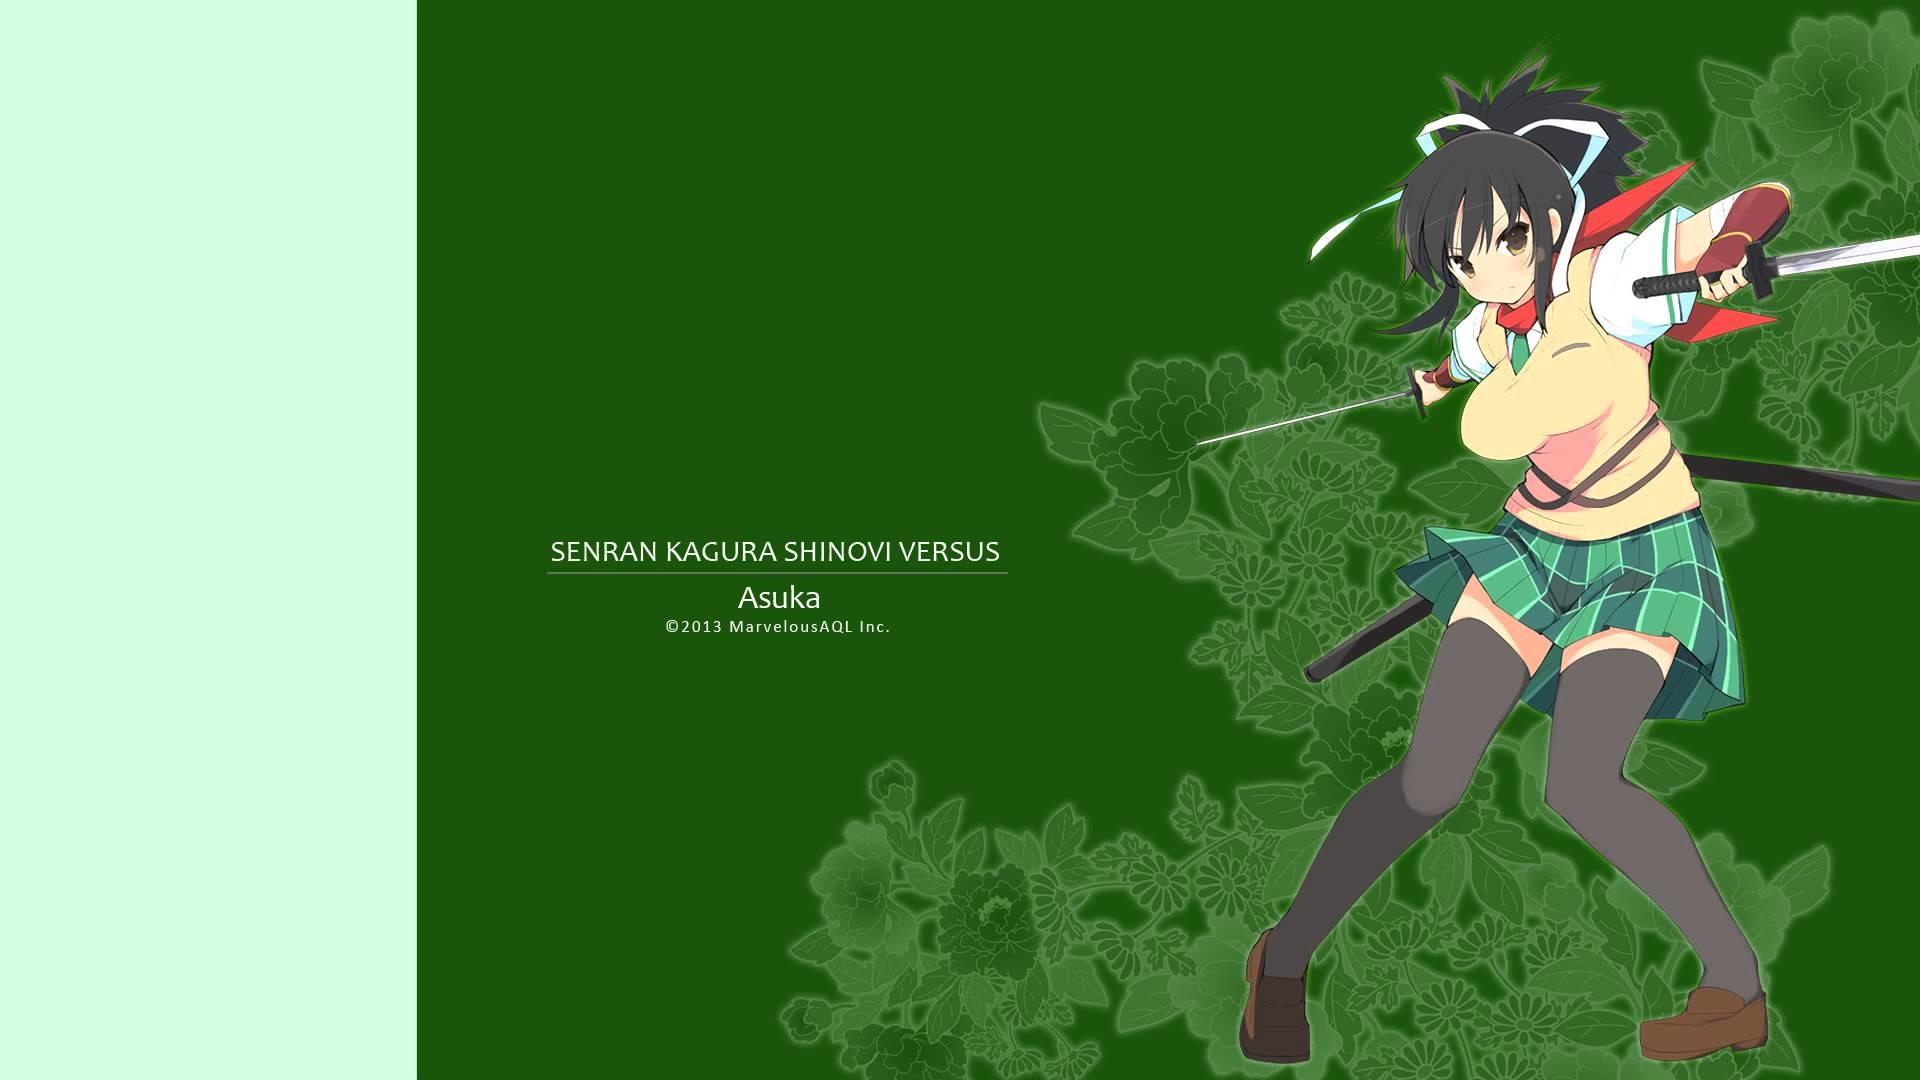 senran kagura asuka wallpaper 92 images